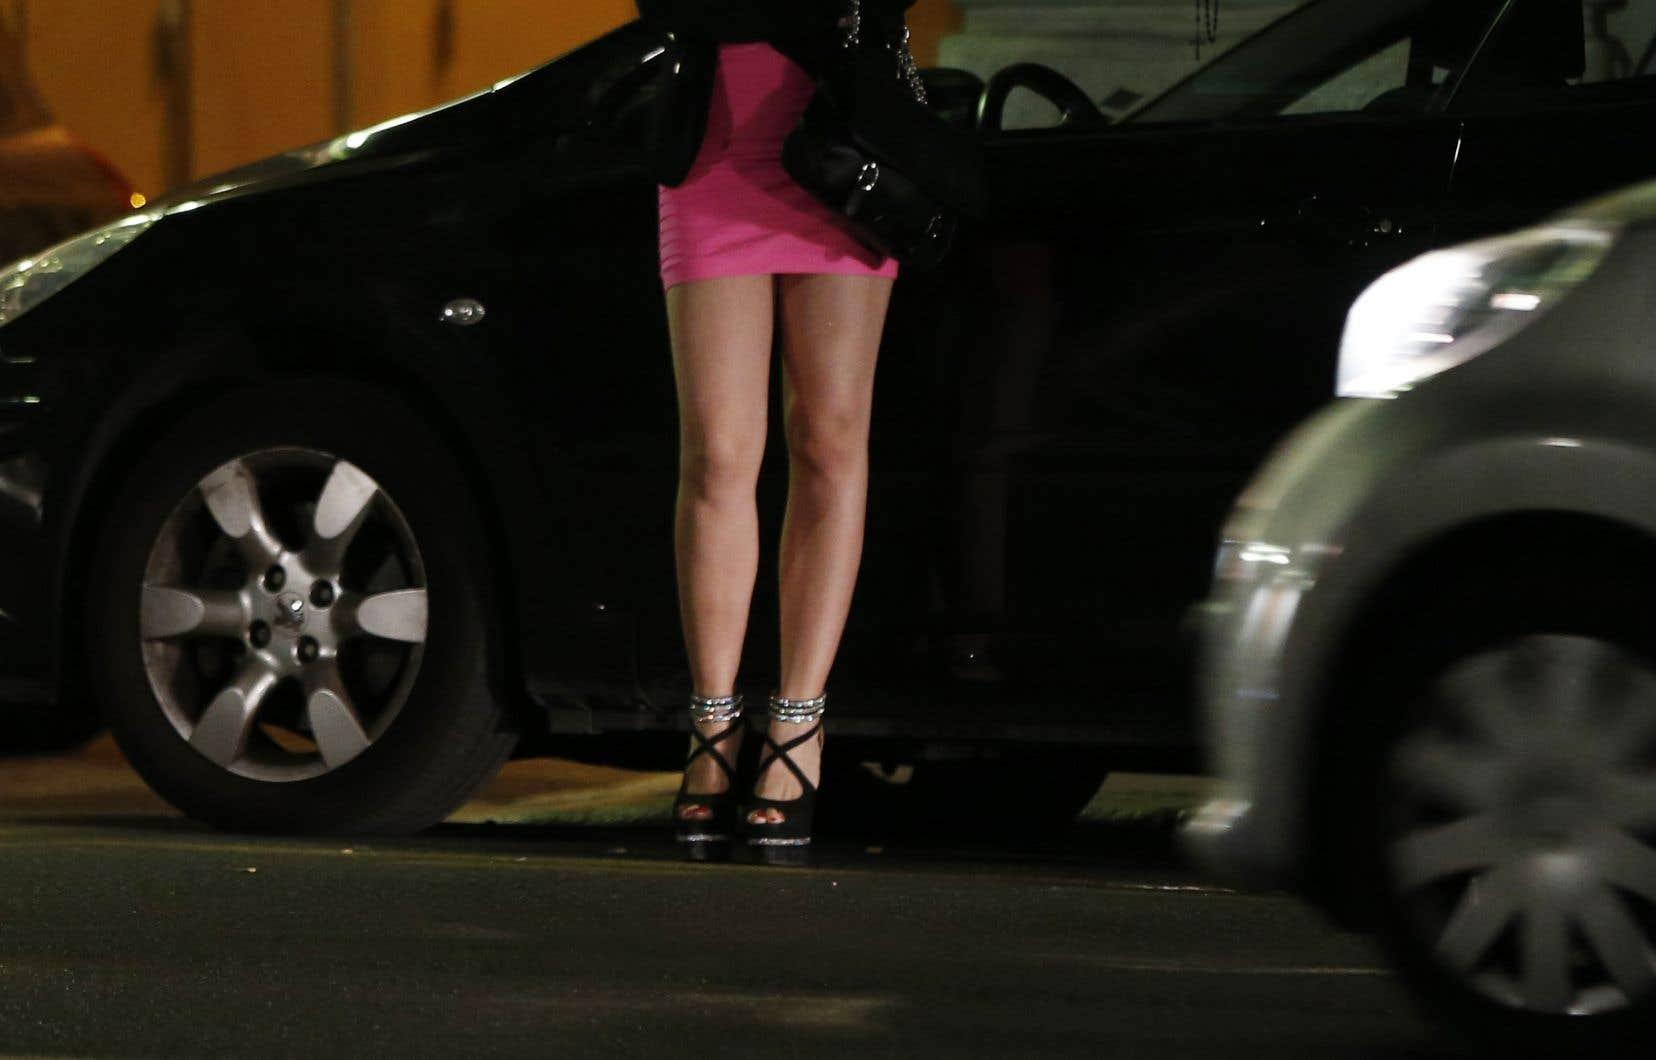 «La pauvreté, les guerres, les conflits armés et les catastrophes, le racisme, l'idéologie consumériste, la pornographie et la sexualisation précoce des jeunes filles sont les facteurs structurels contribuant à la prostitution», avance l'auteure.